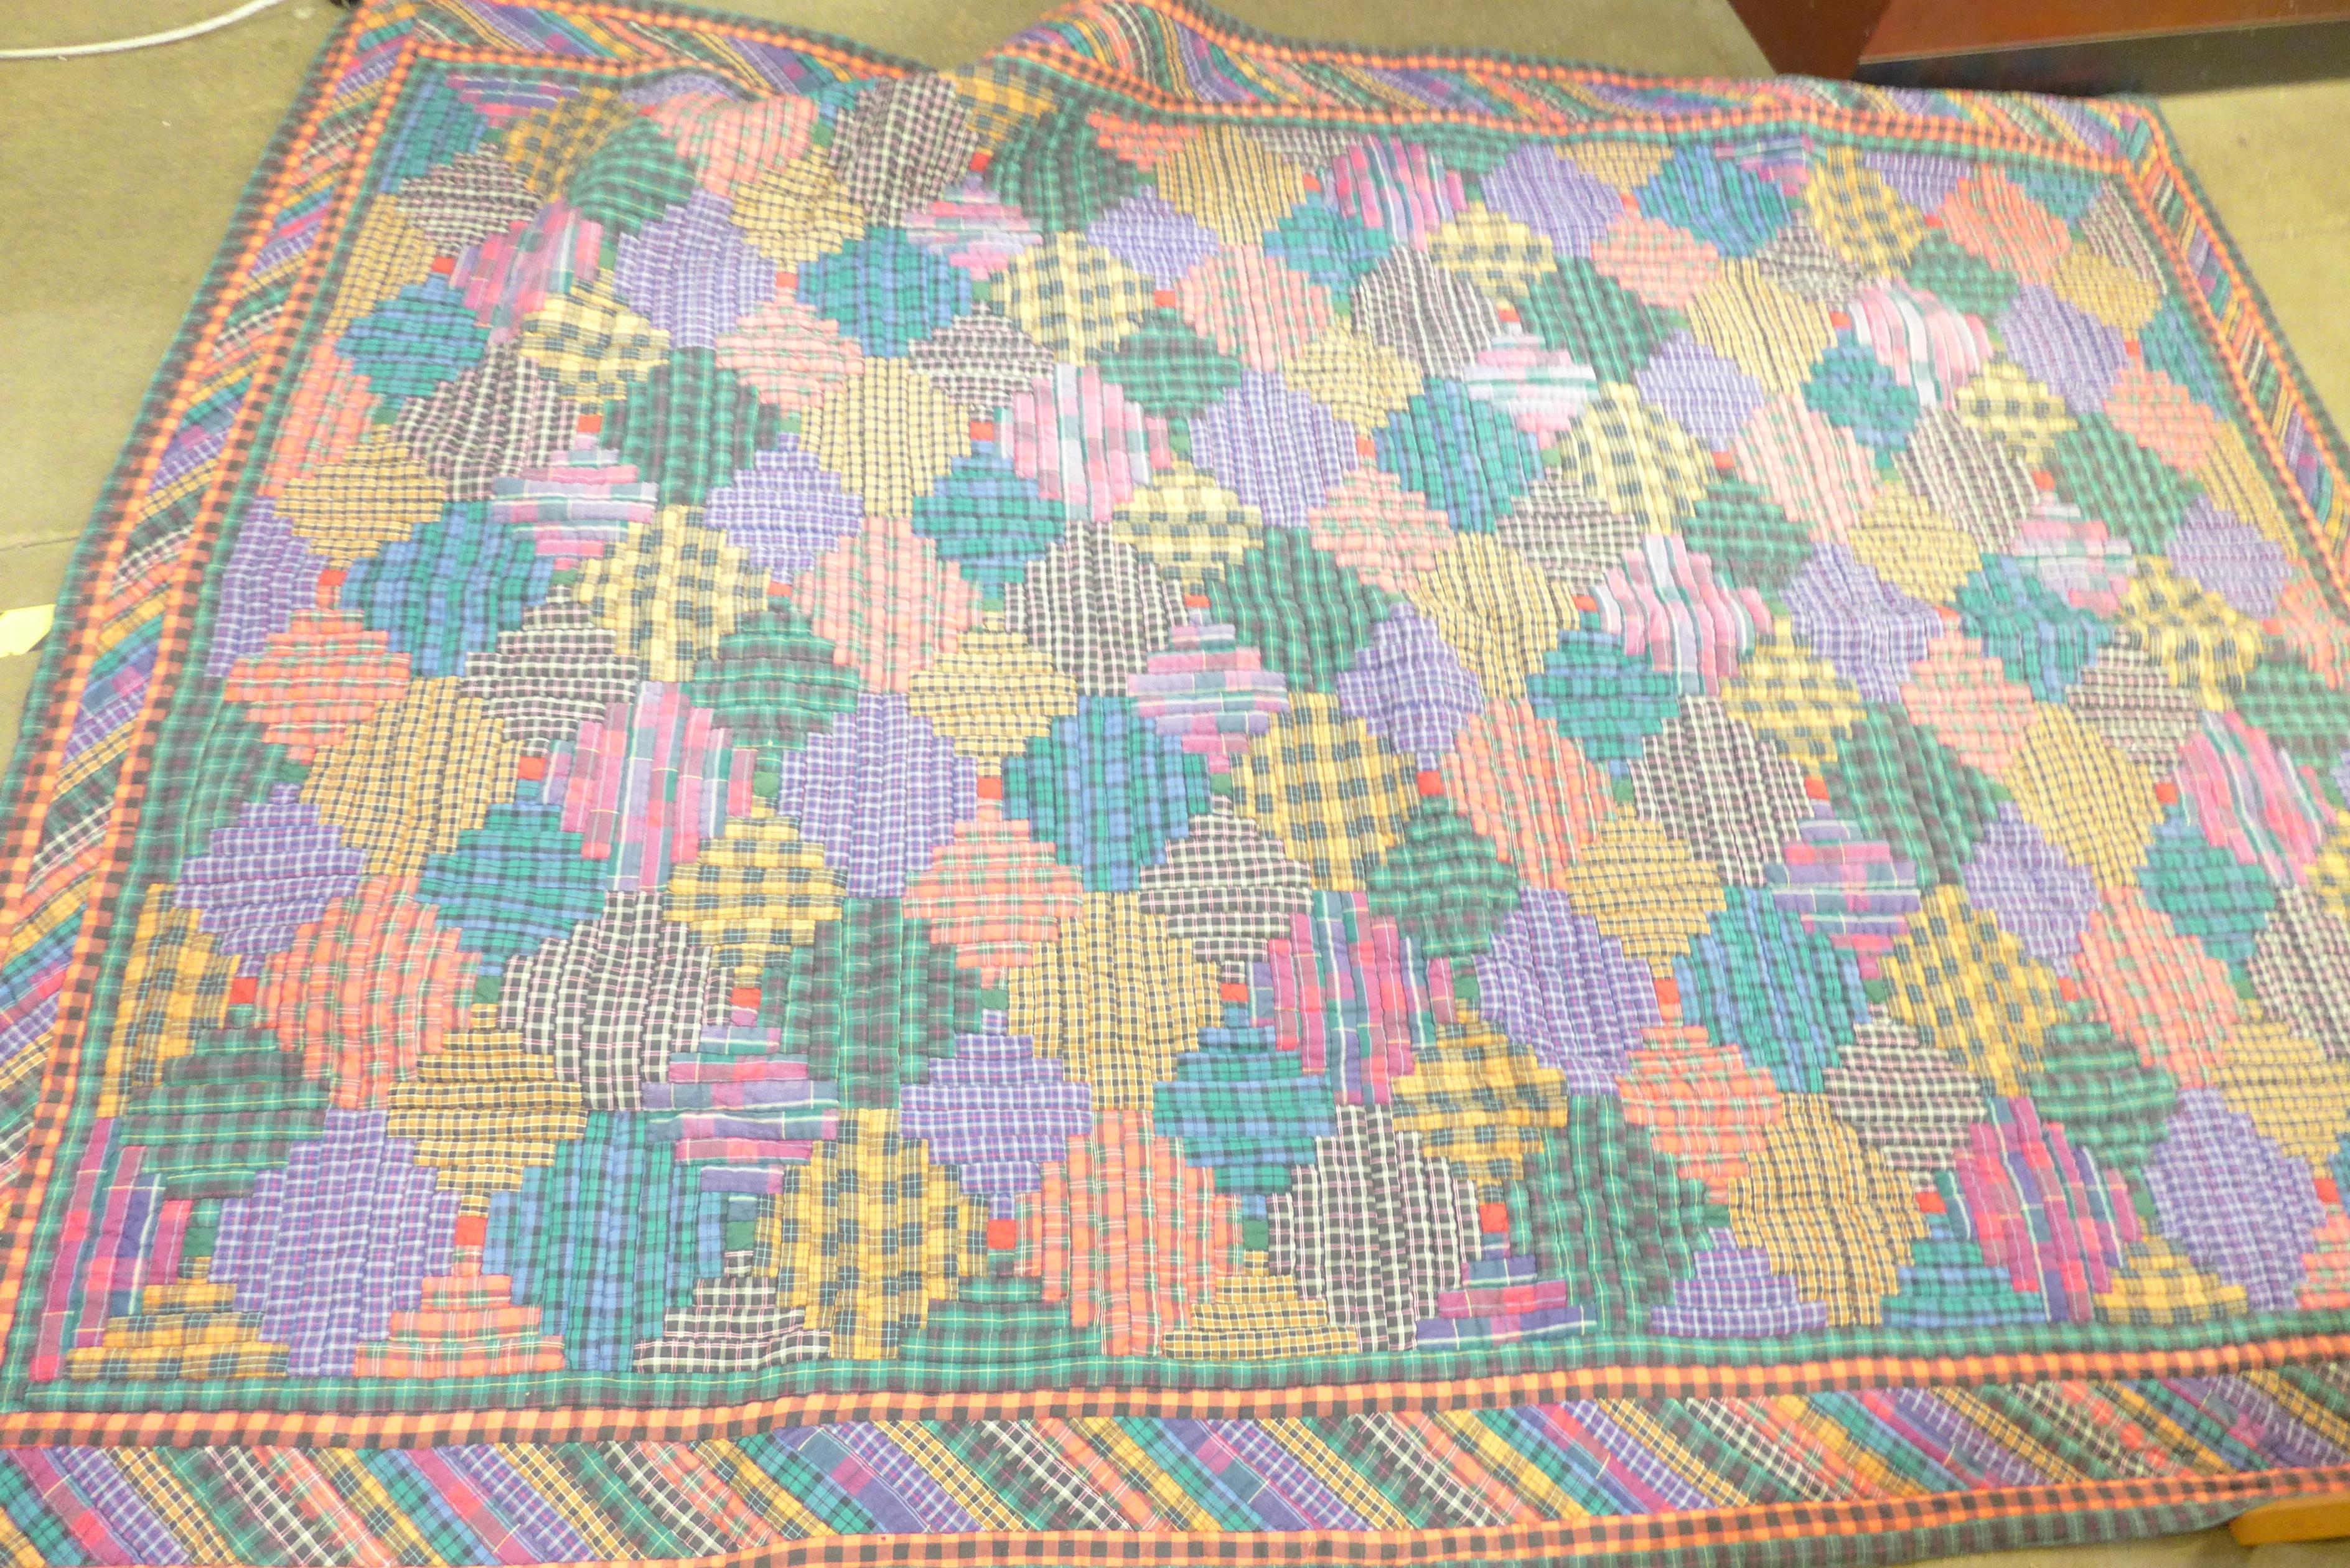 A vintage 1970's/80's quilt, Nimble Fingers 100% cotton, double to kingsize